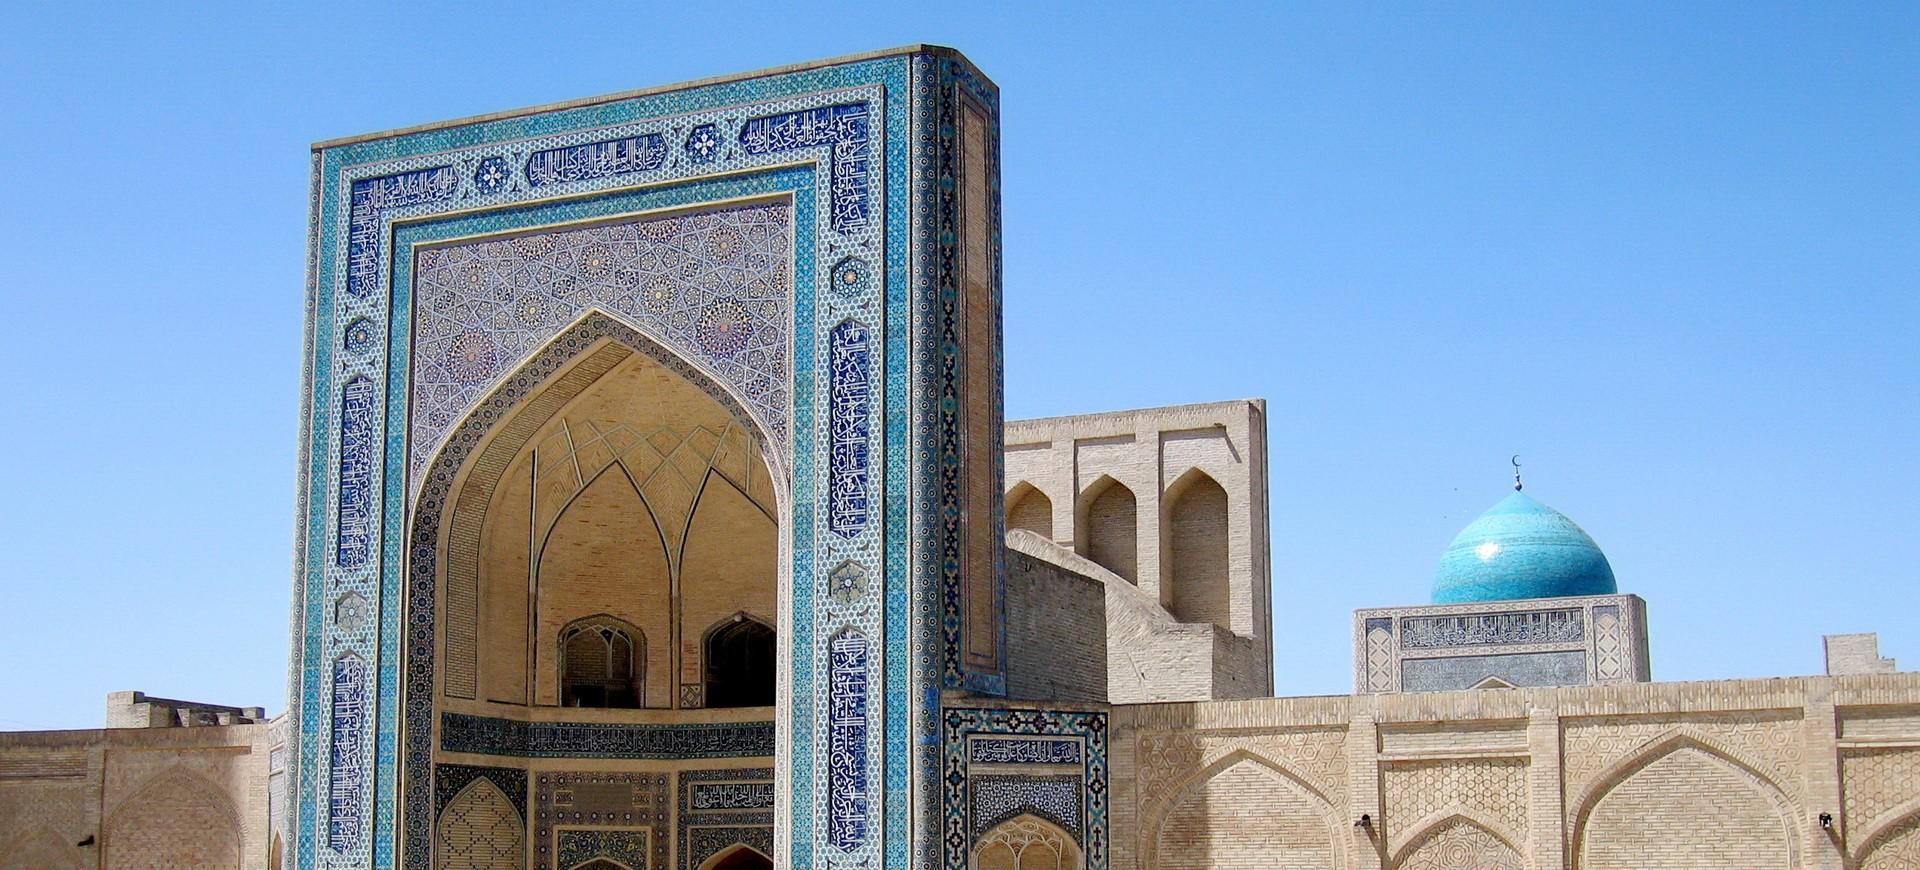 Nécropole à Shakhrisabz